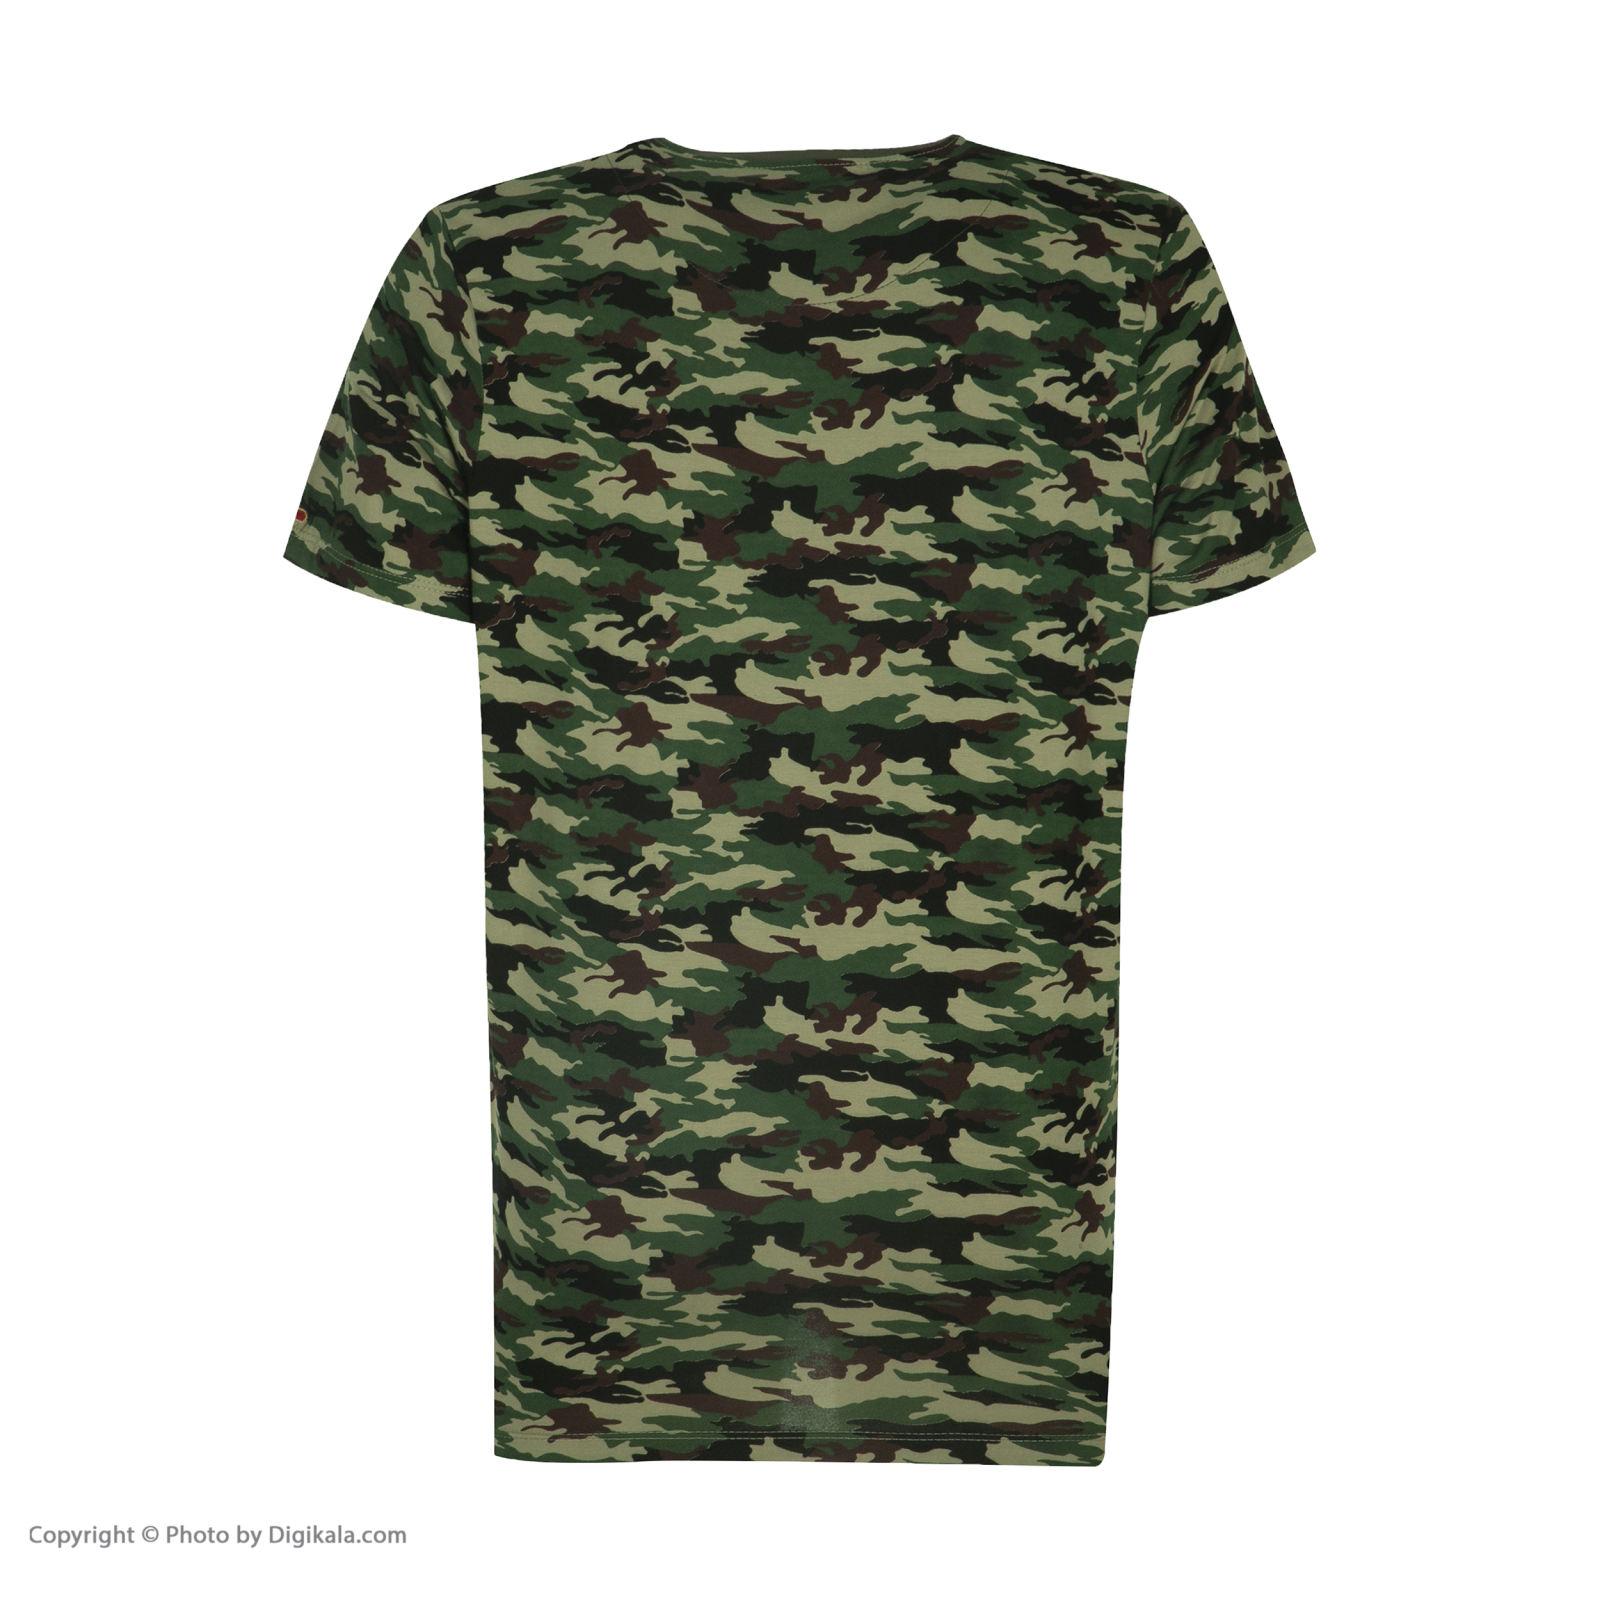 ست تی شرت و شلوارک راحتی مردانه مادر مدل 2041108-49 -  - 6